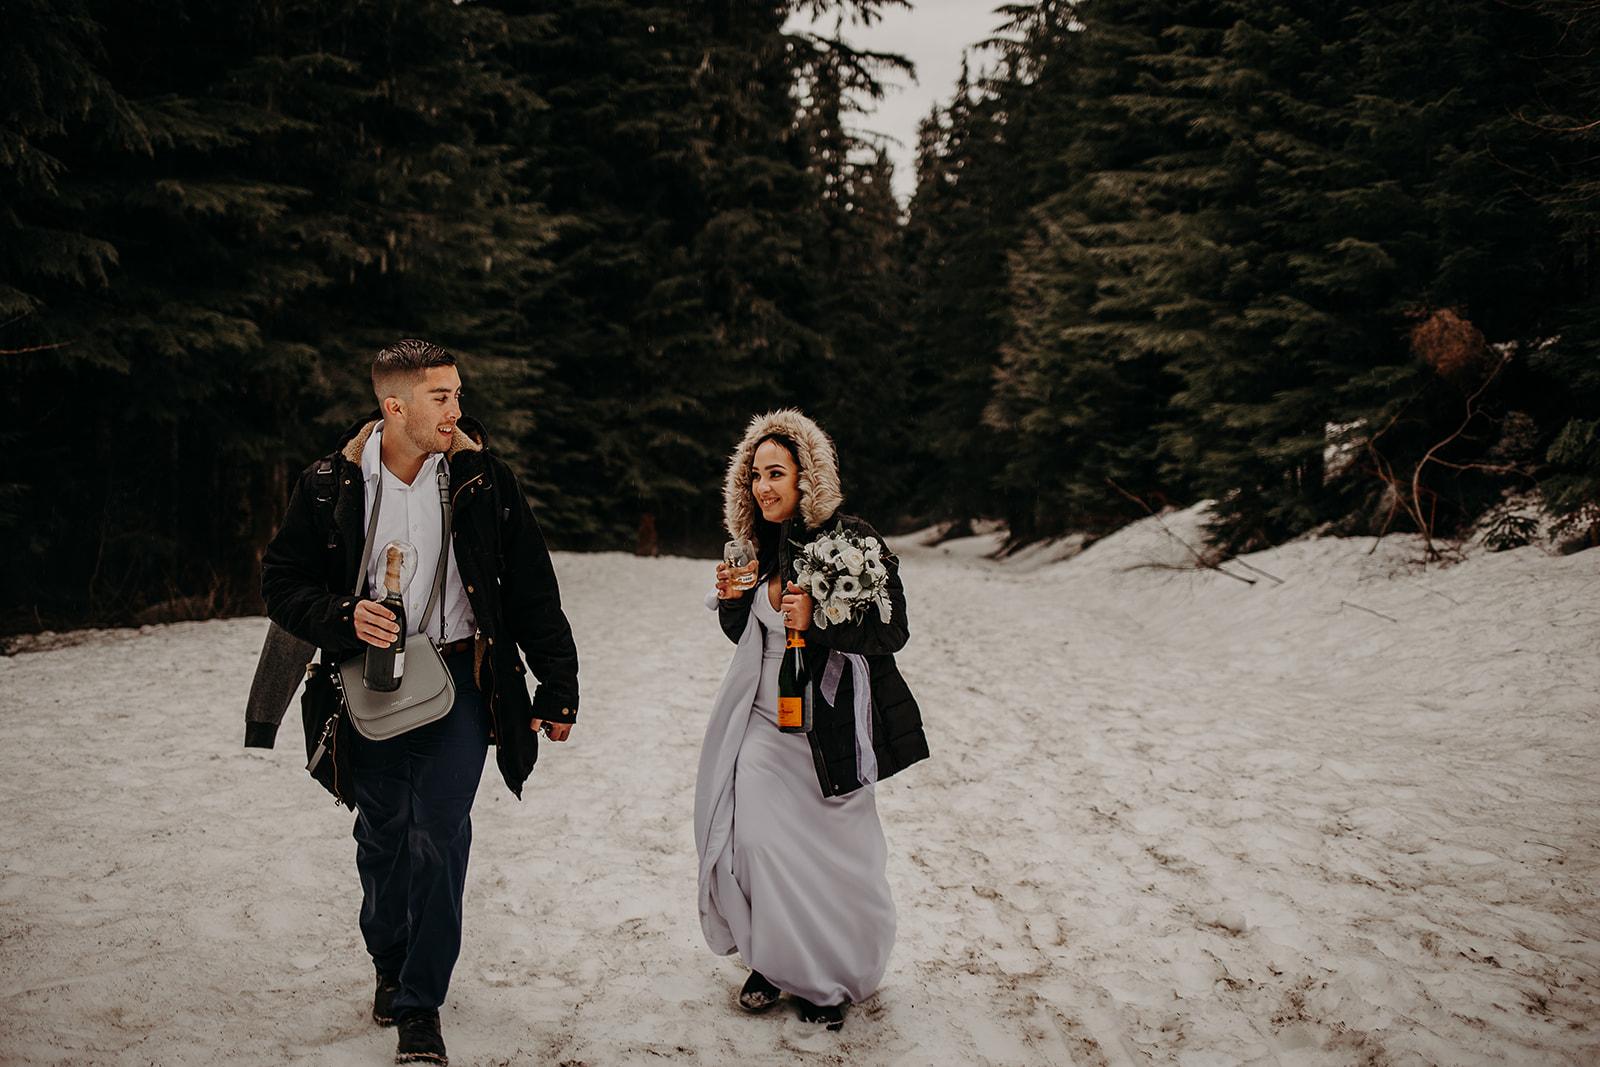 winter-mountain-elopement-asheville-wedding-photographer-megan-gallagher-photographer (62).jpg